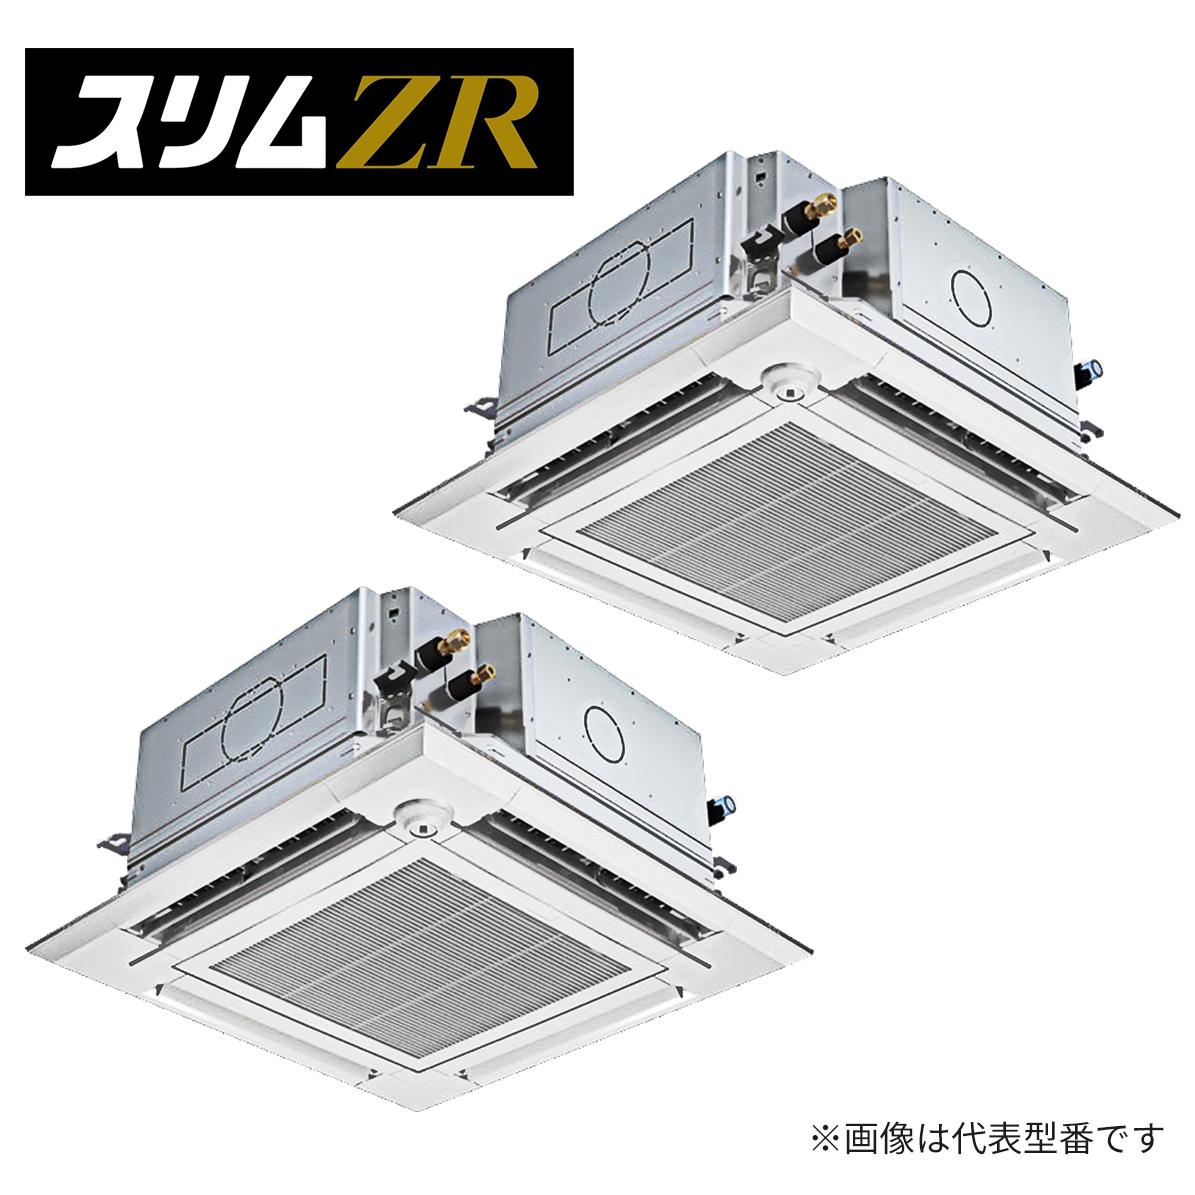 ###三菱 業務用エアコン【PLZX-ZRMP140EFGR】スリムZR 4方向天井カセット形(ファインパワーカセット) 同時ツイン ワイヤード 三相200V 5馬力